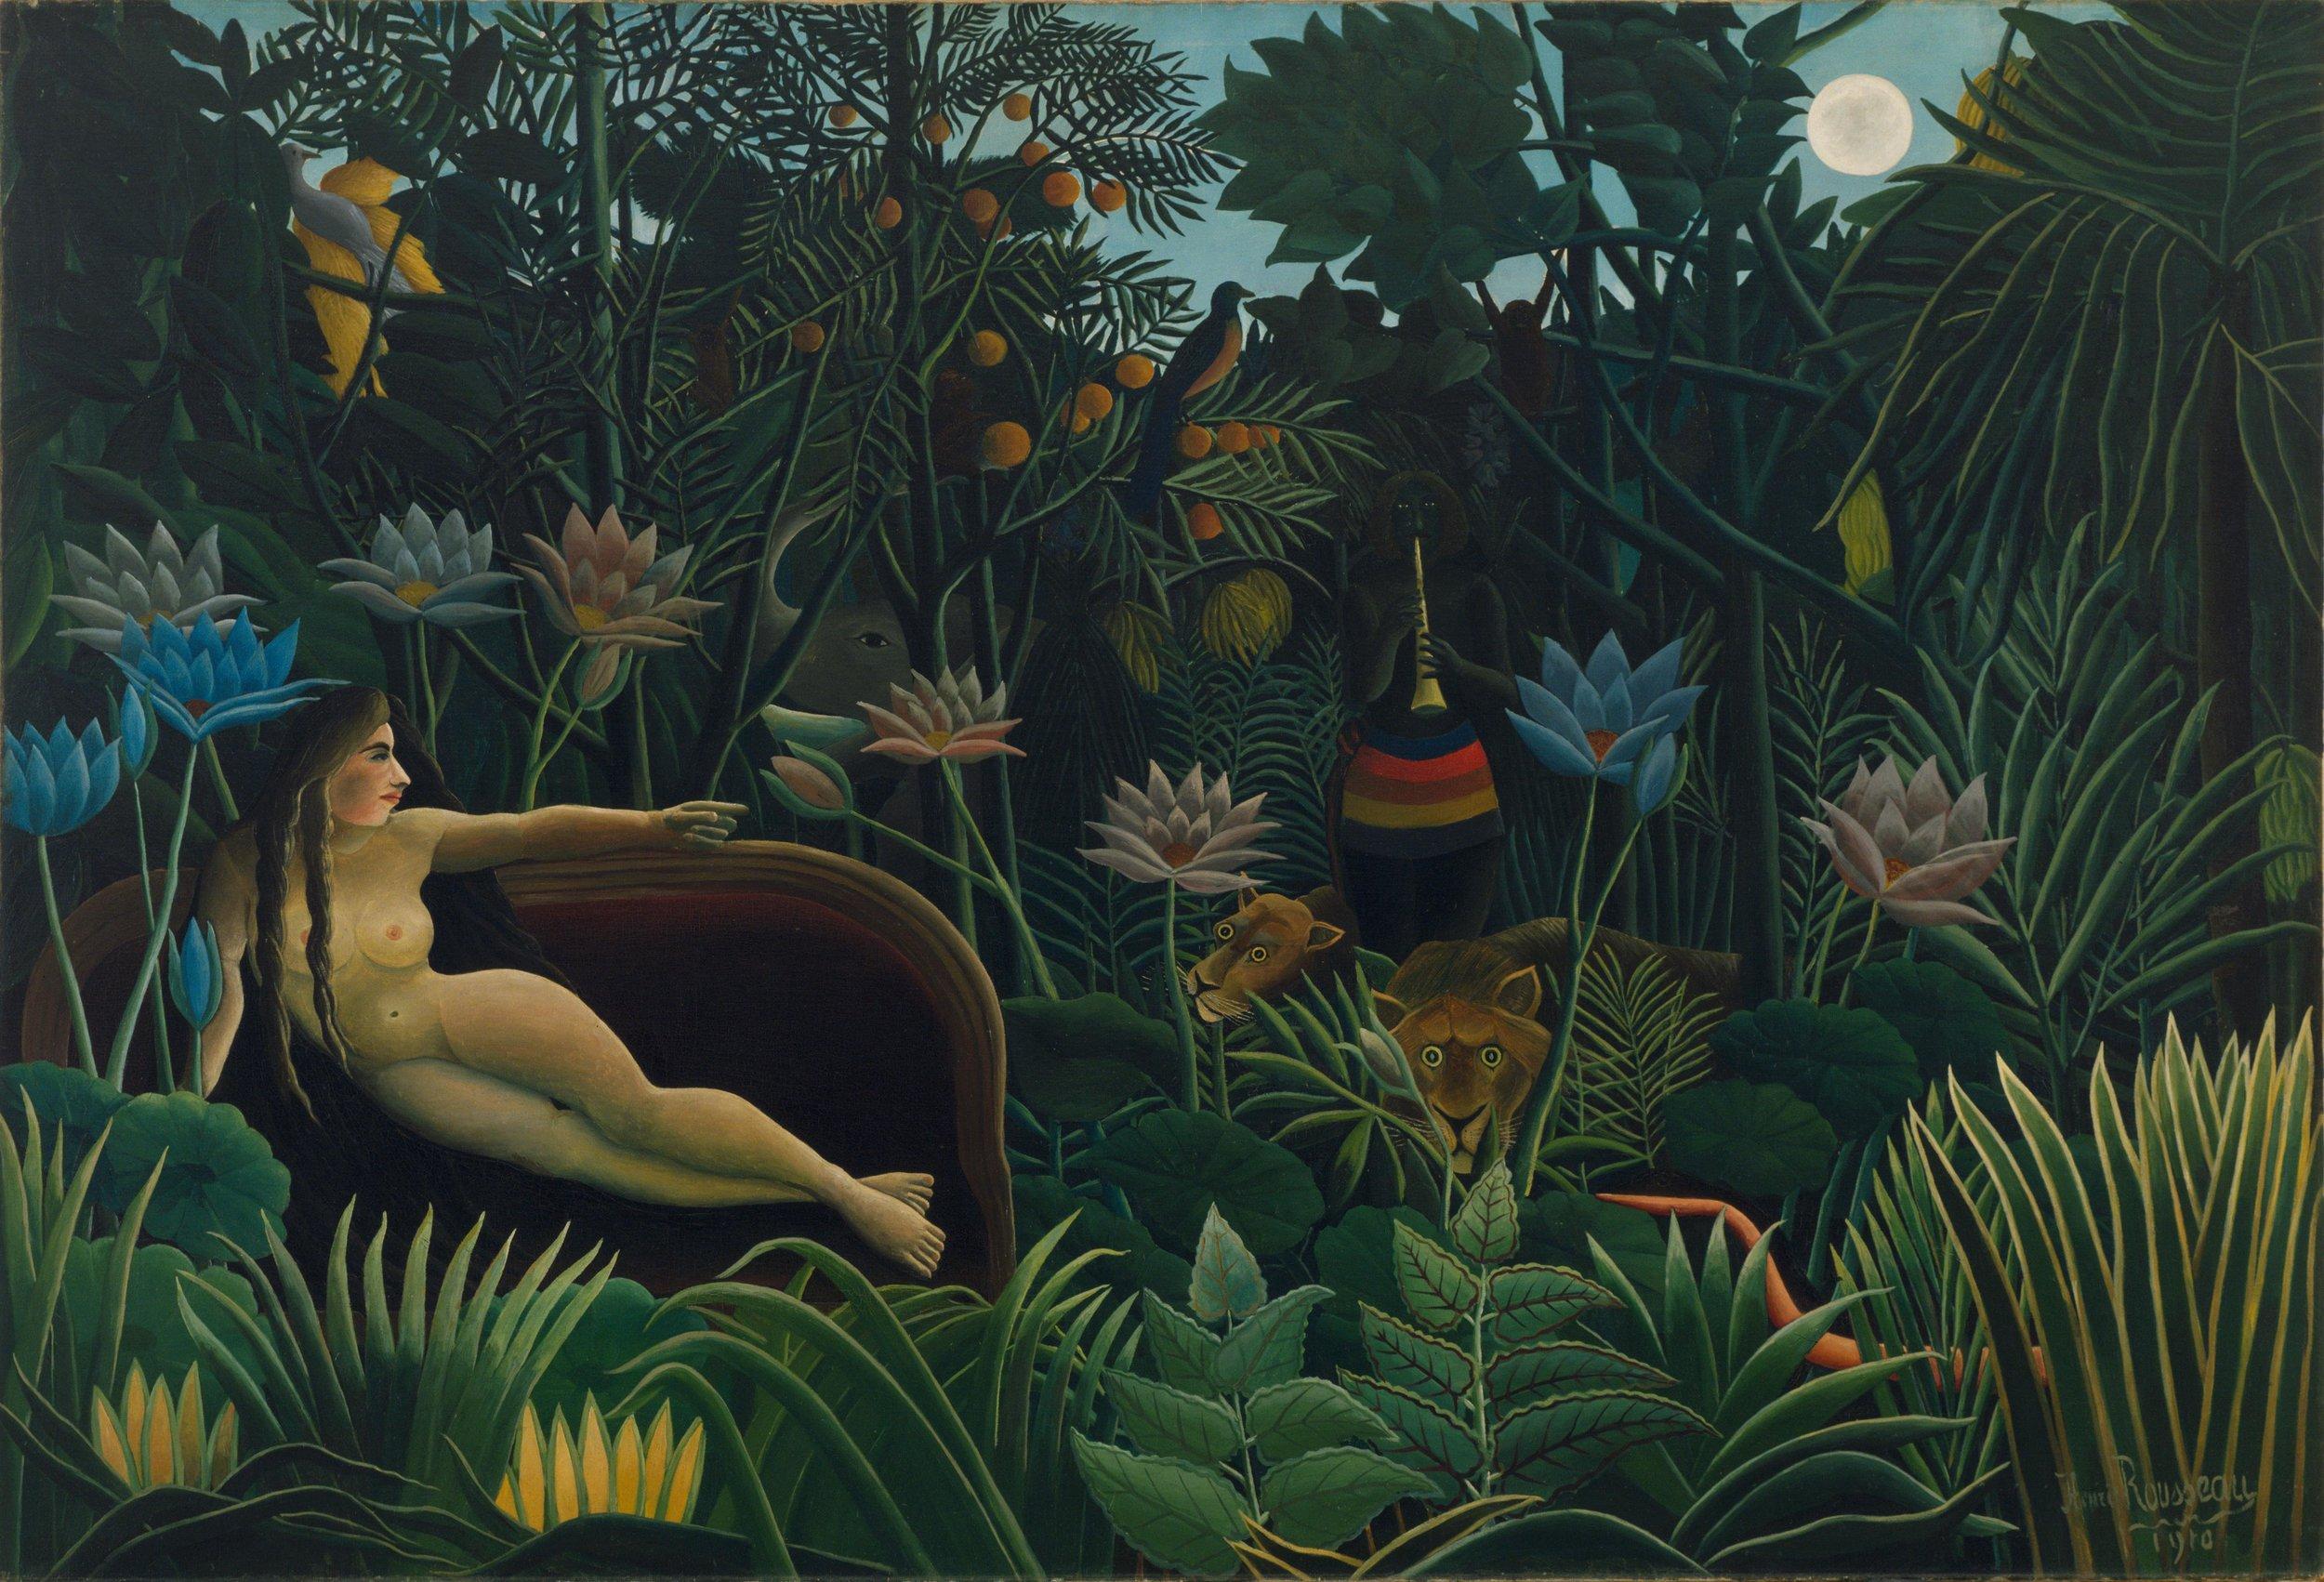 Le Reve, Henri Rousseau